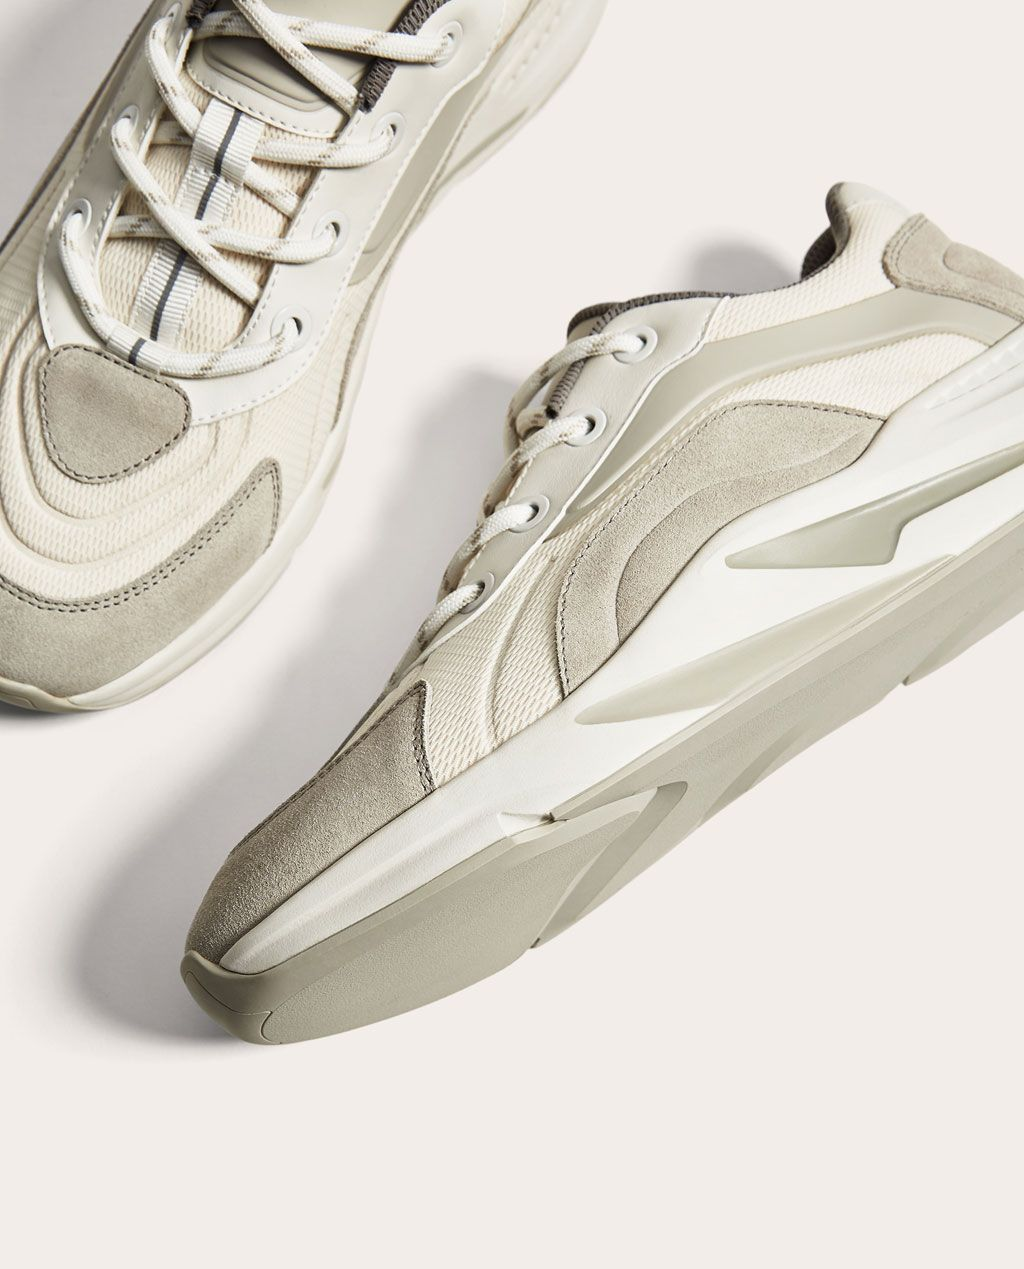 Chaussures Nouveautés Semelle Grises Avec Et Épaisse Tennis Blanches cv7a50cq